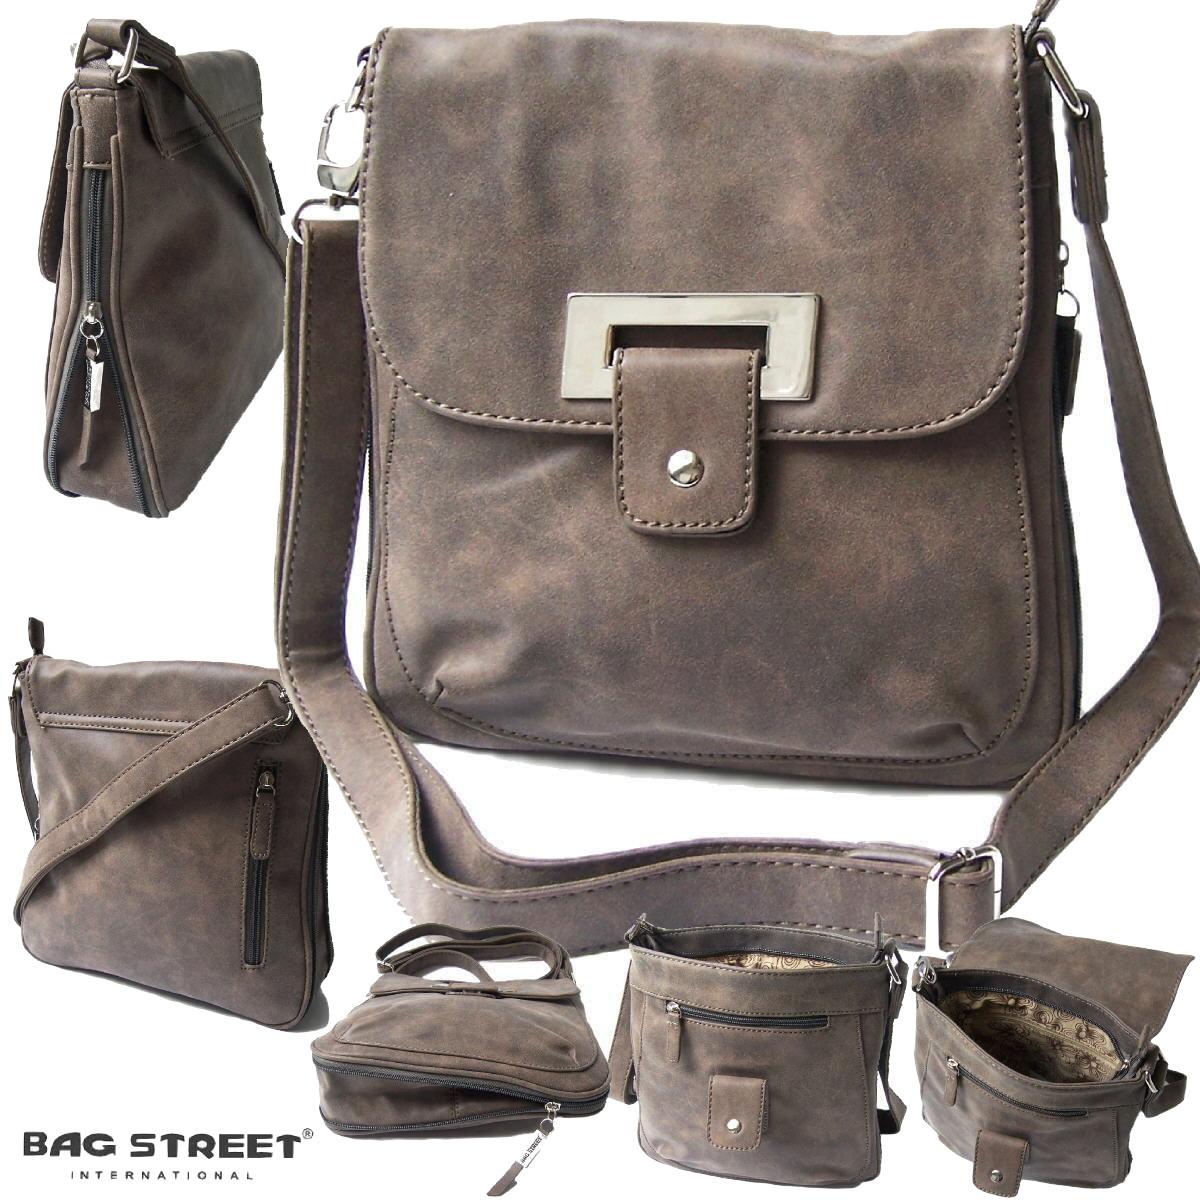 Tasche Schultertasche Handtasche taupe Damen Bag Street washout Ta8035